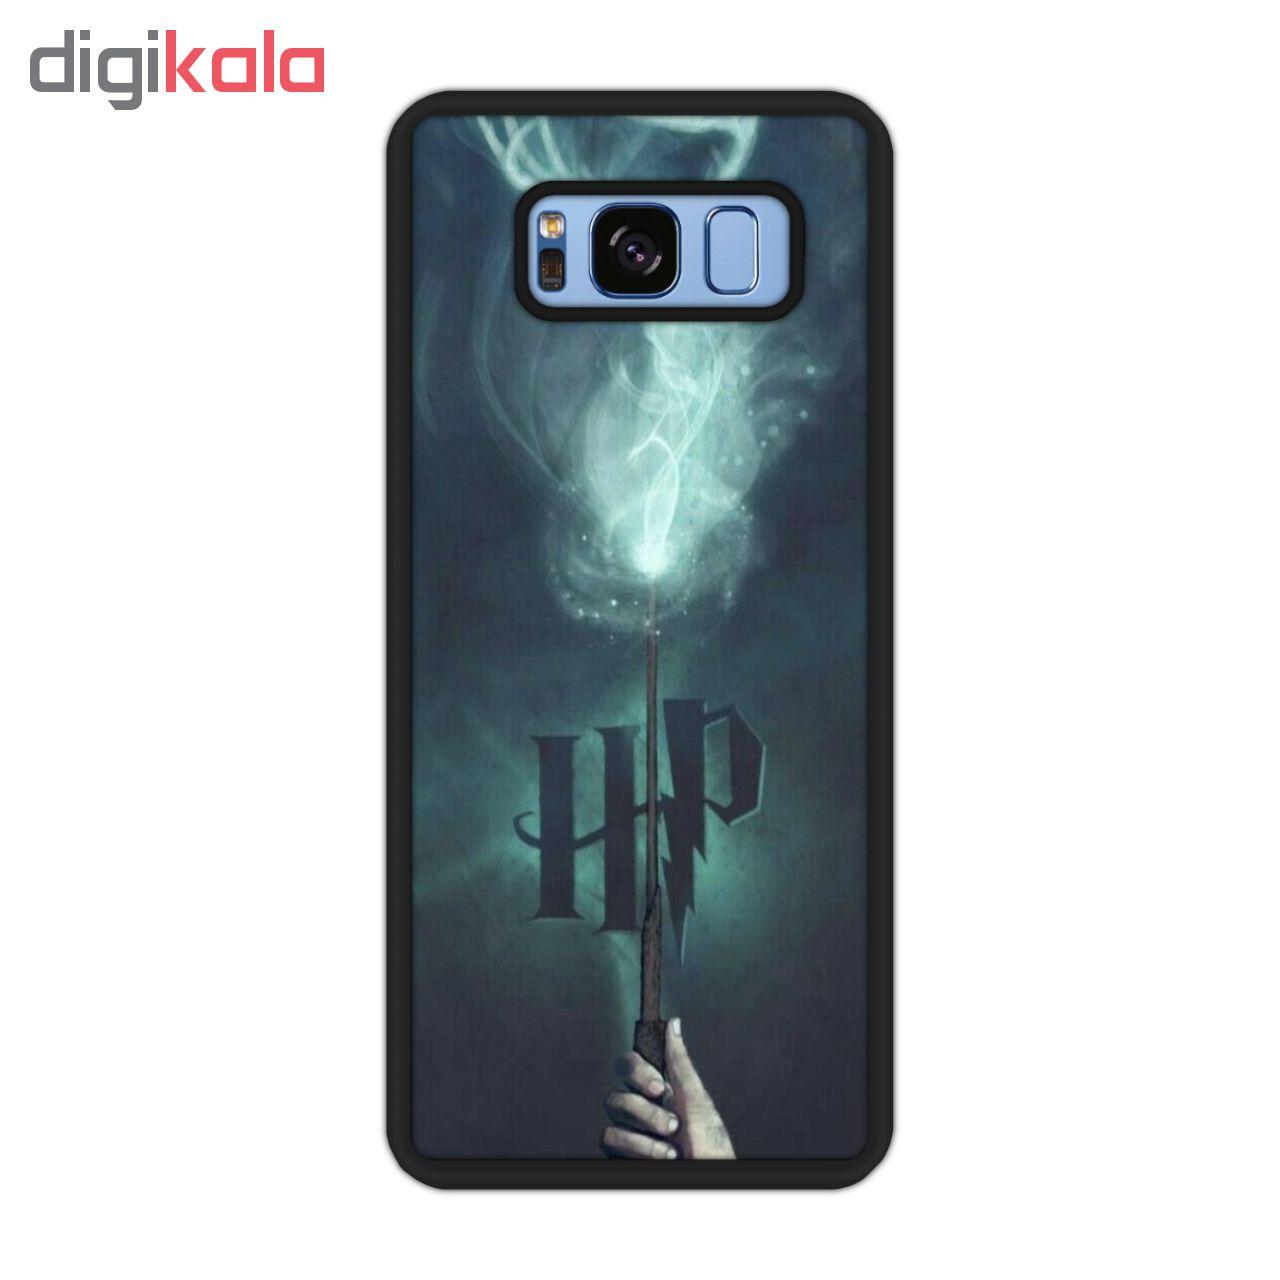 کاور آکام مدل AS81552 مناسب برای گوشی موبایل سامسونگ Galaxy S8 thumb 2 1